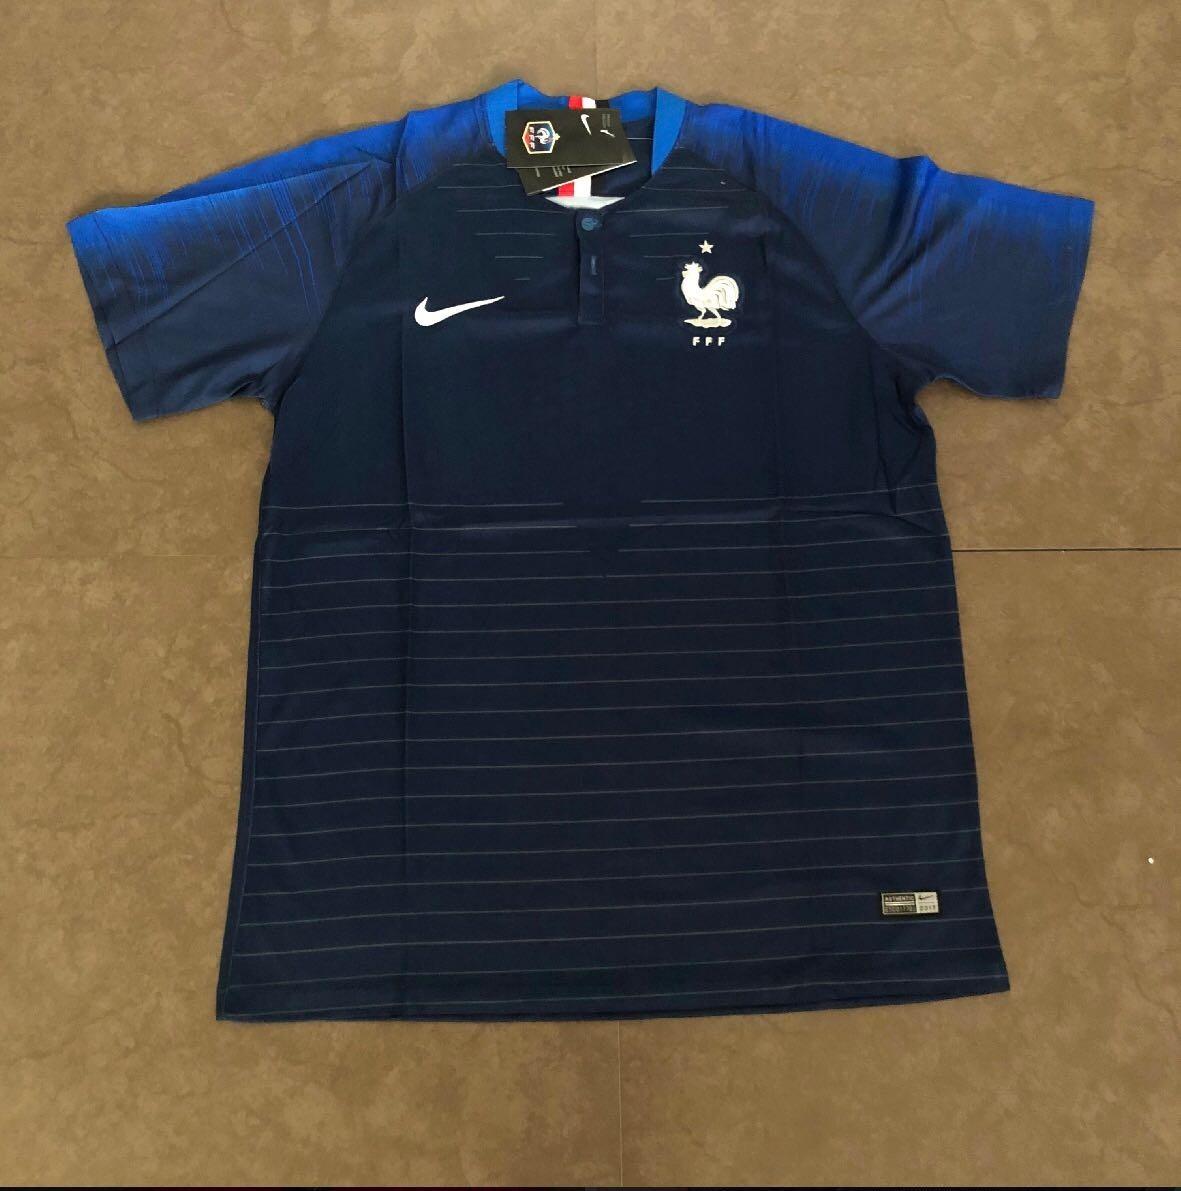 b63b17d443 camisa da frança nike original - uniforme 1 e 2 super oferta. Carregando  zoom.